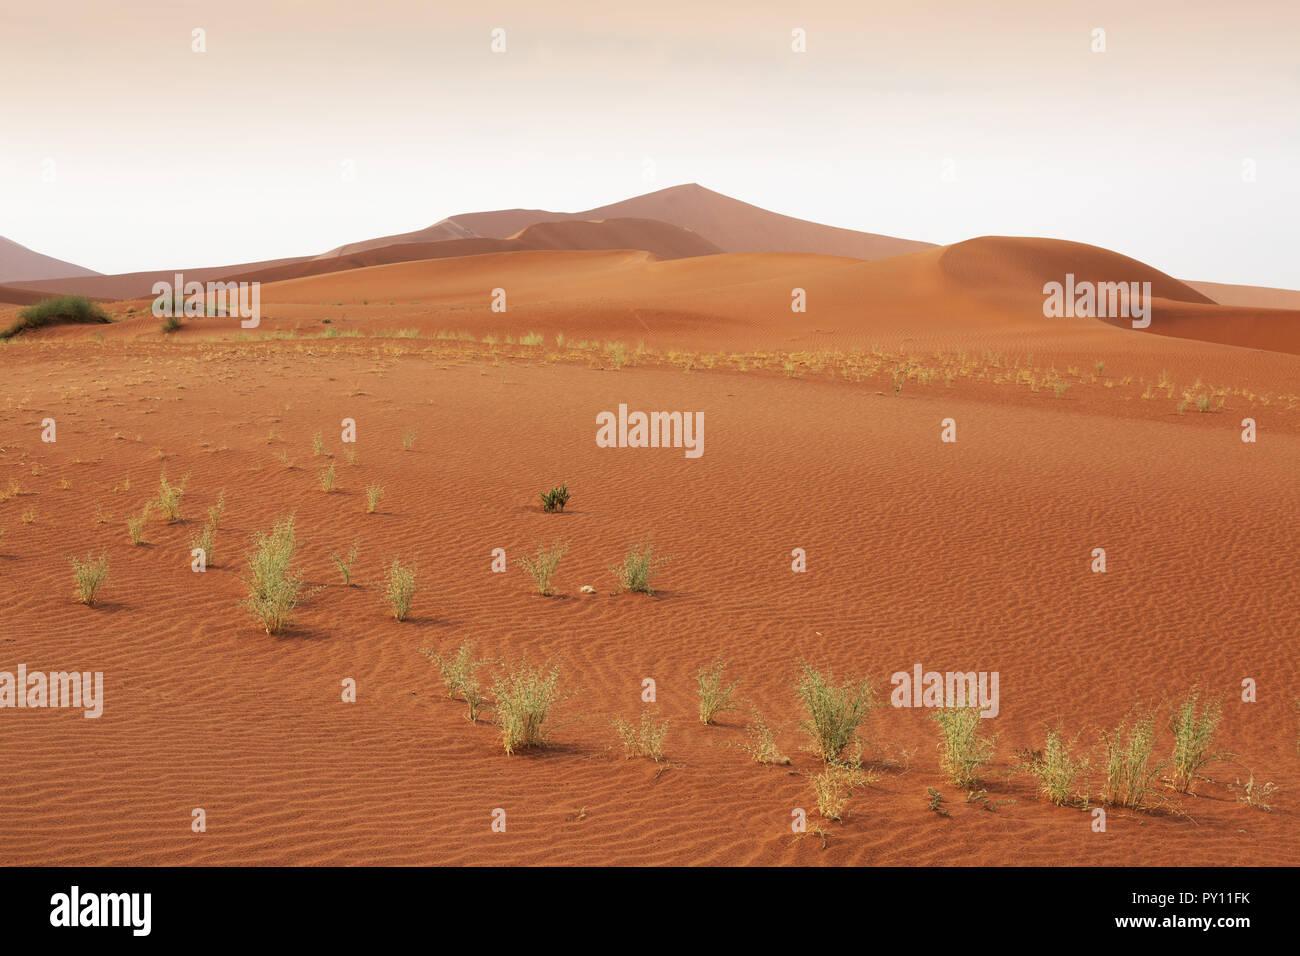 La Namibie dunes de sable dans le désert du Namib à Sossusvlei Namibie Afrique du Sud Banque D'Images